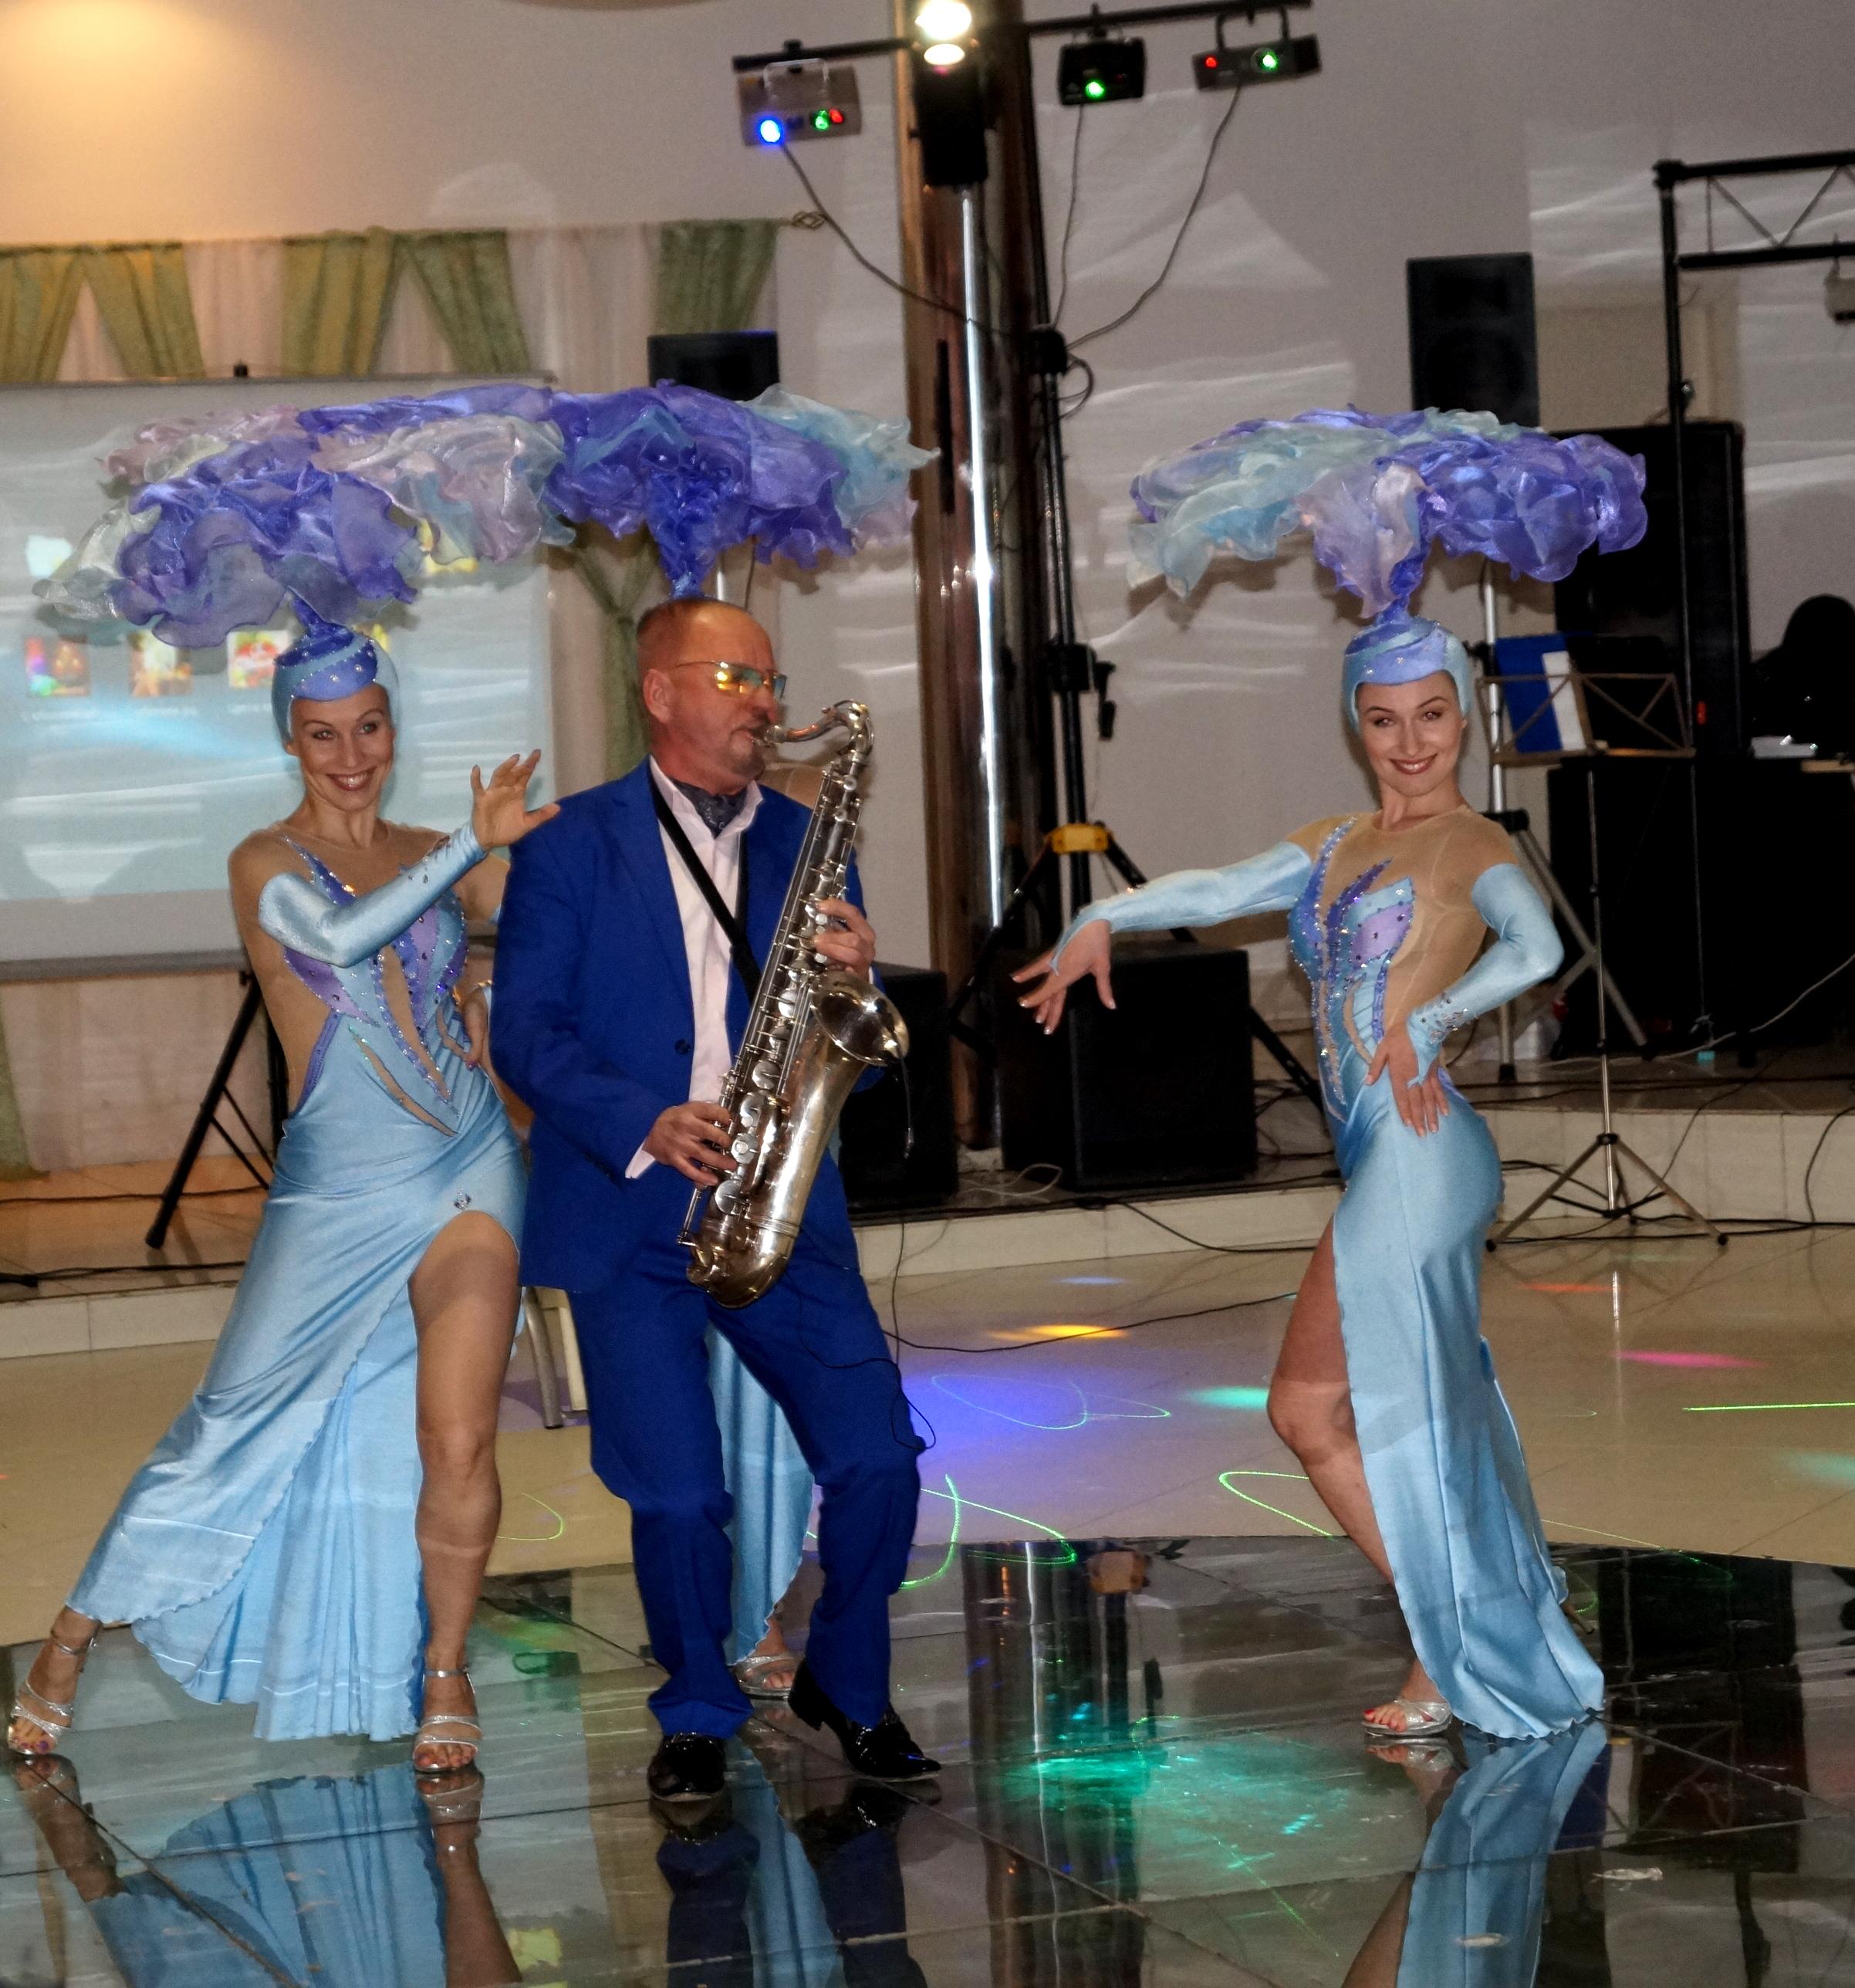 Музыкально-хореографическое шоу в Самаре